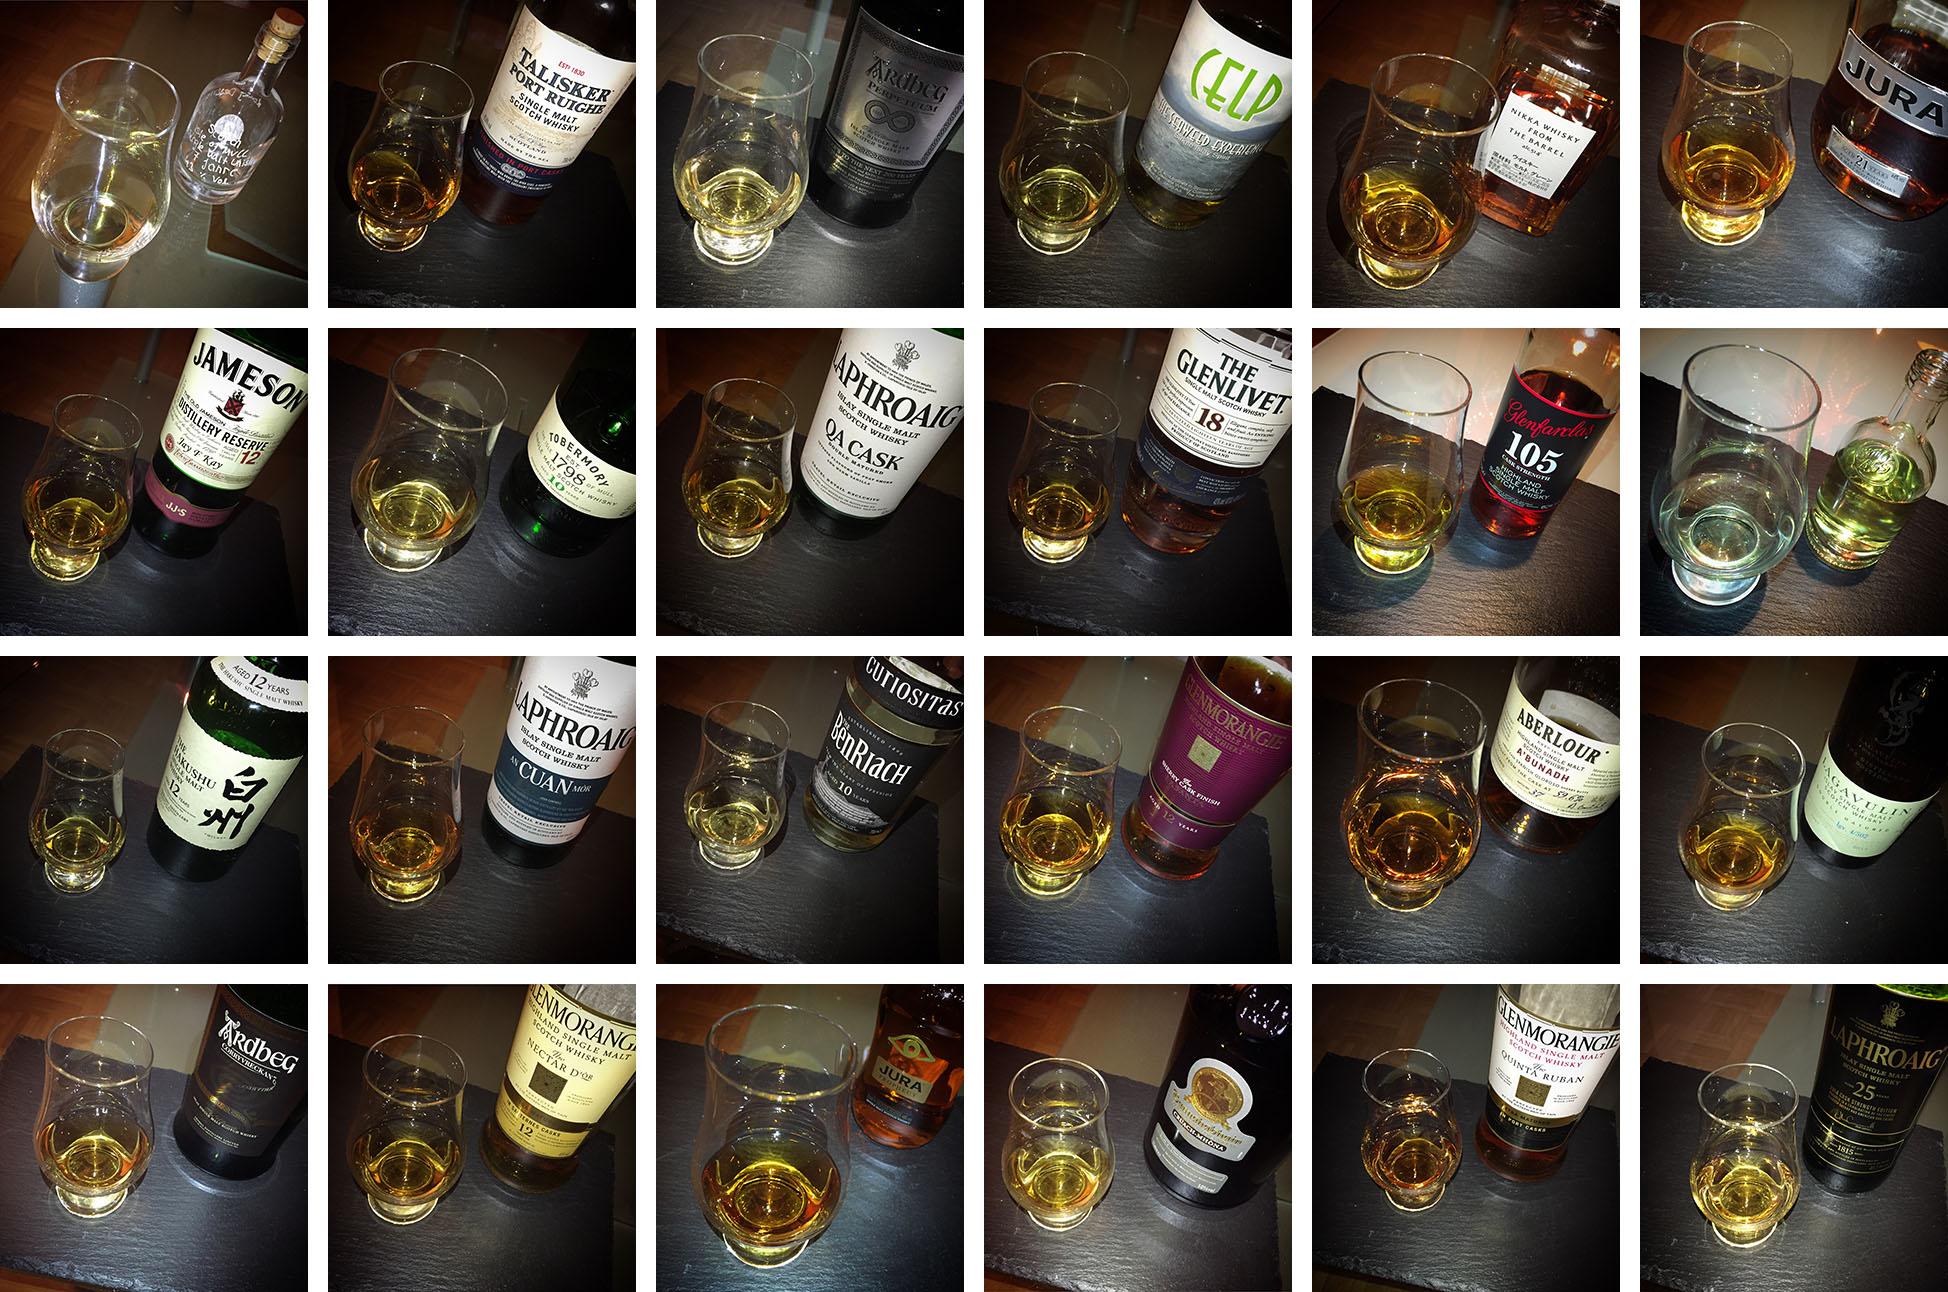 24whiskys der whisky adventskalender 2015 der. Black Bedroom Furniture Sets. Home Design Ideas